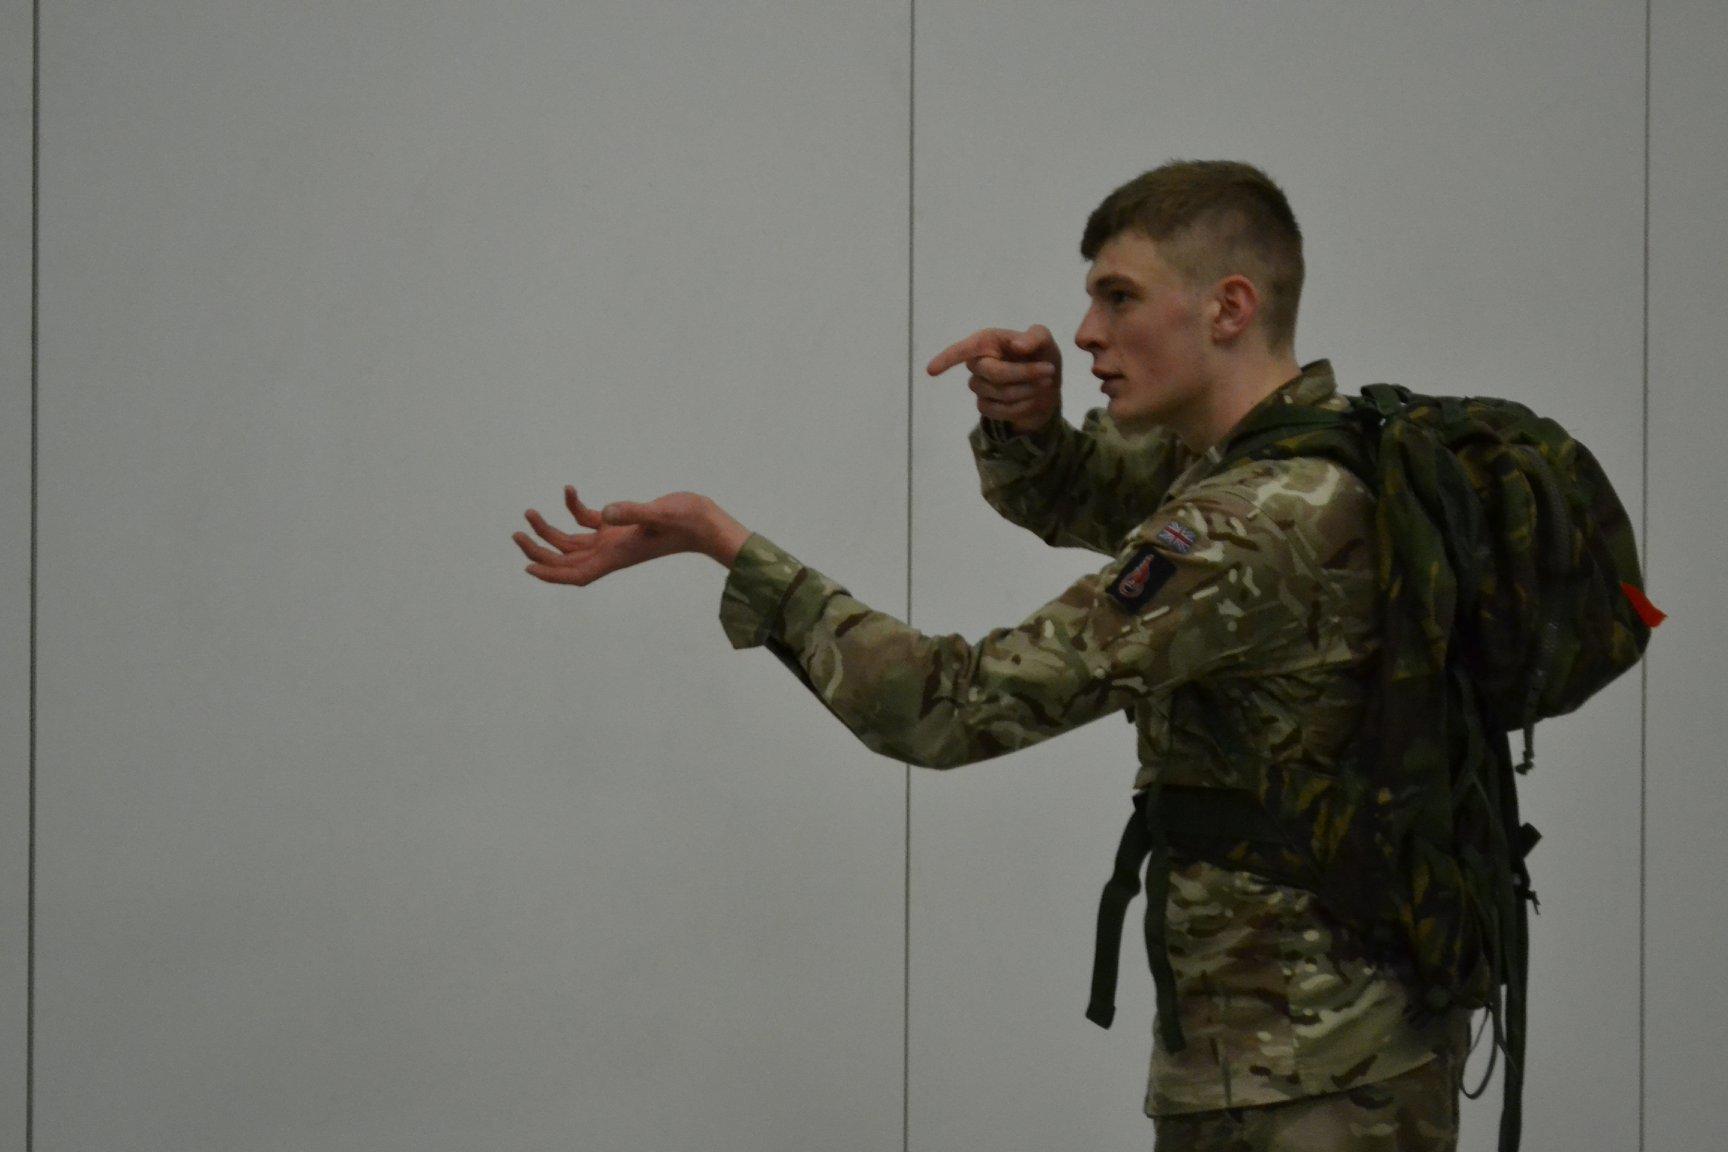 Η ιστορία του στρατιώτη με ένα κρυφό